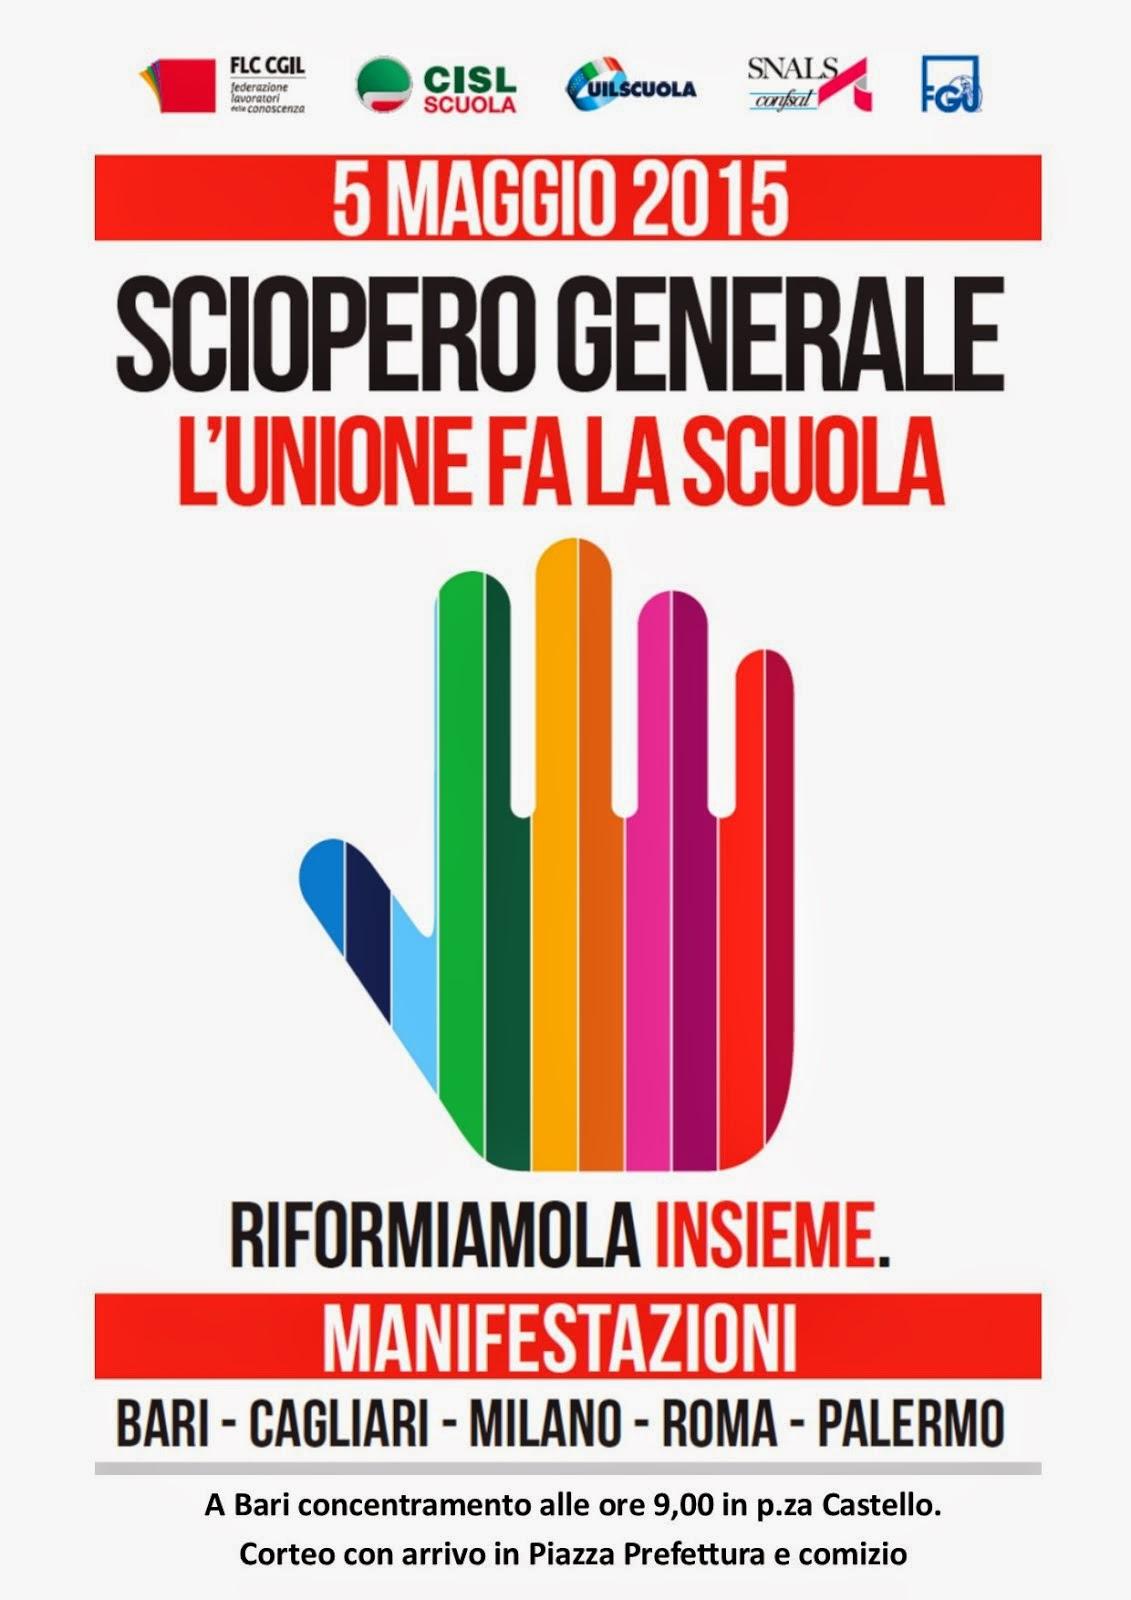 5 Maggio: sciopero generale dei lavoratori della scuola